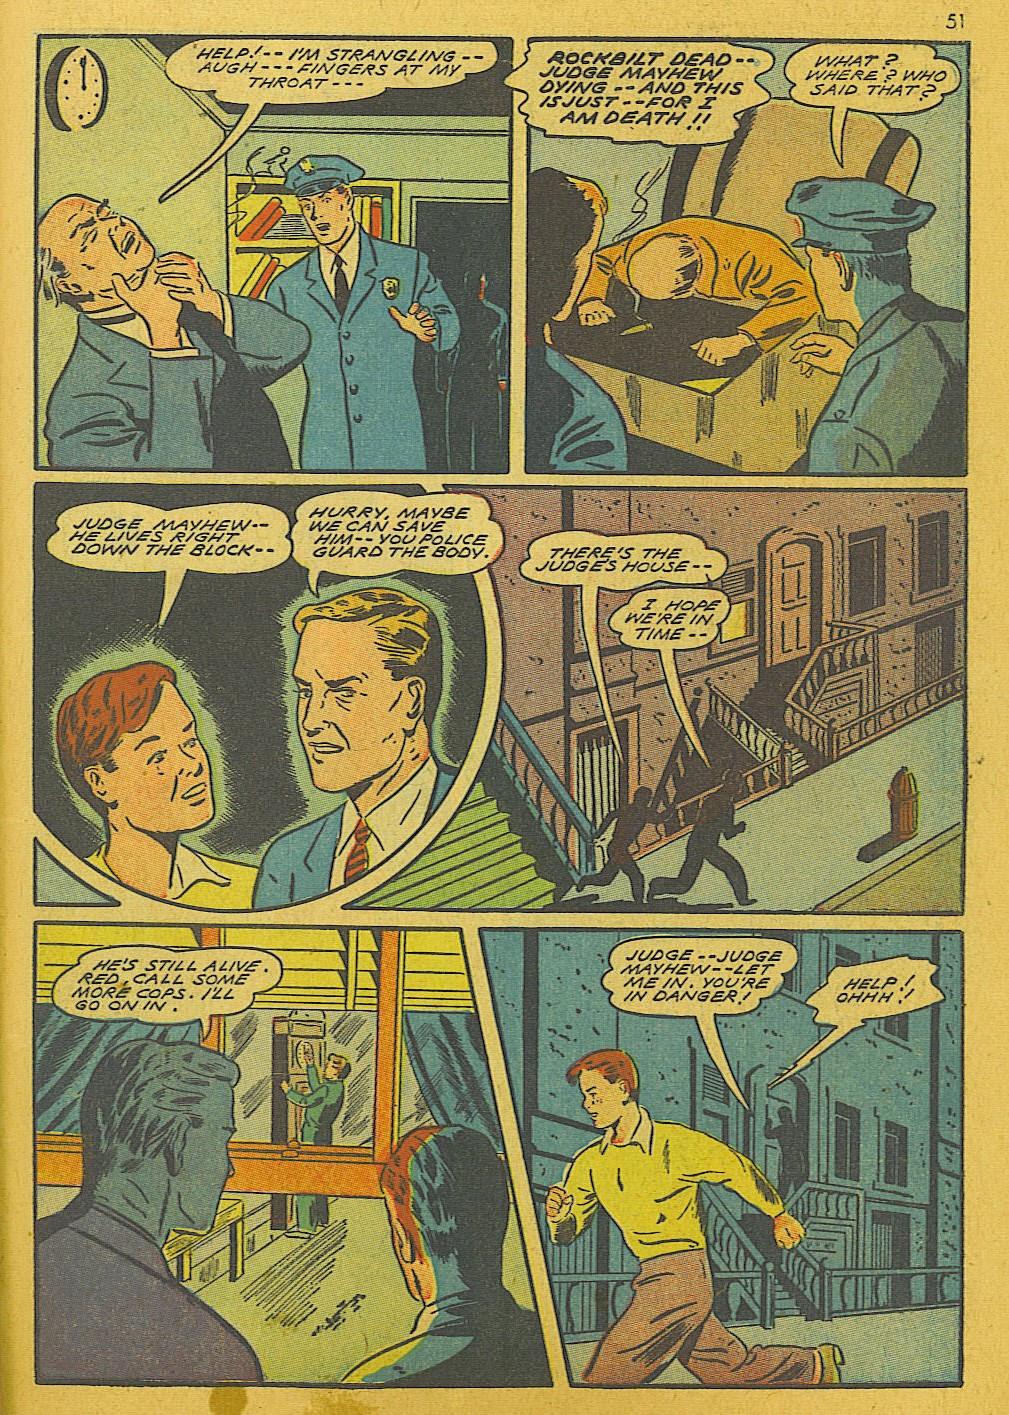 Read online Super-Magician Comics comic -  Issue #10 - 51